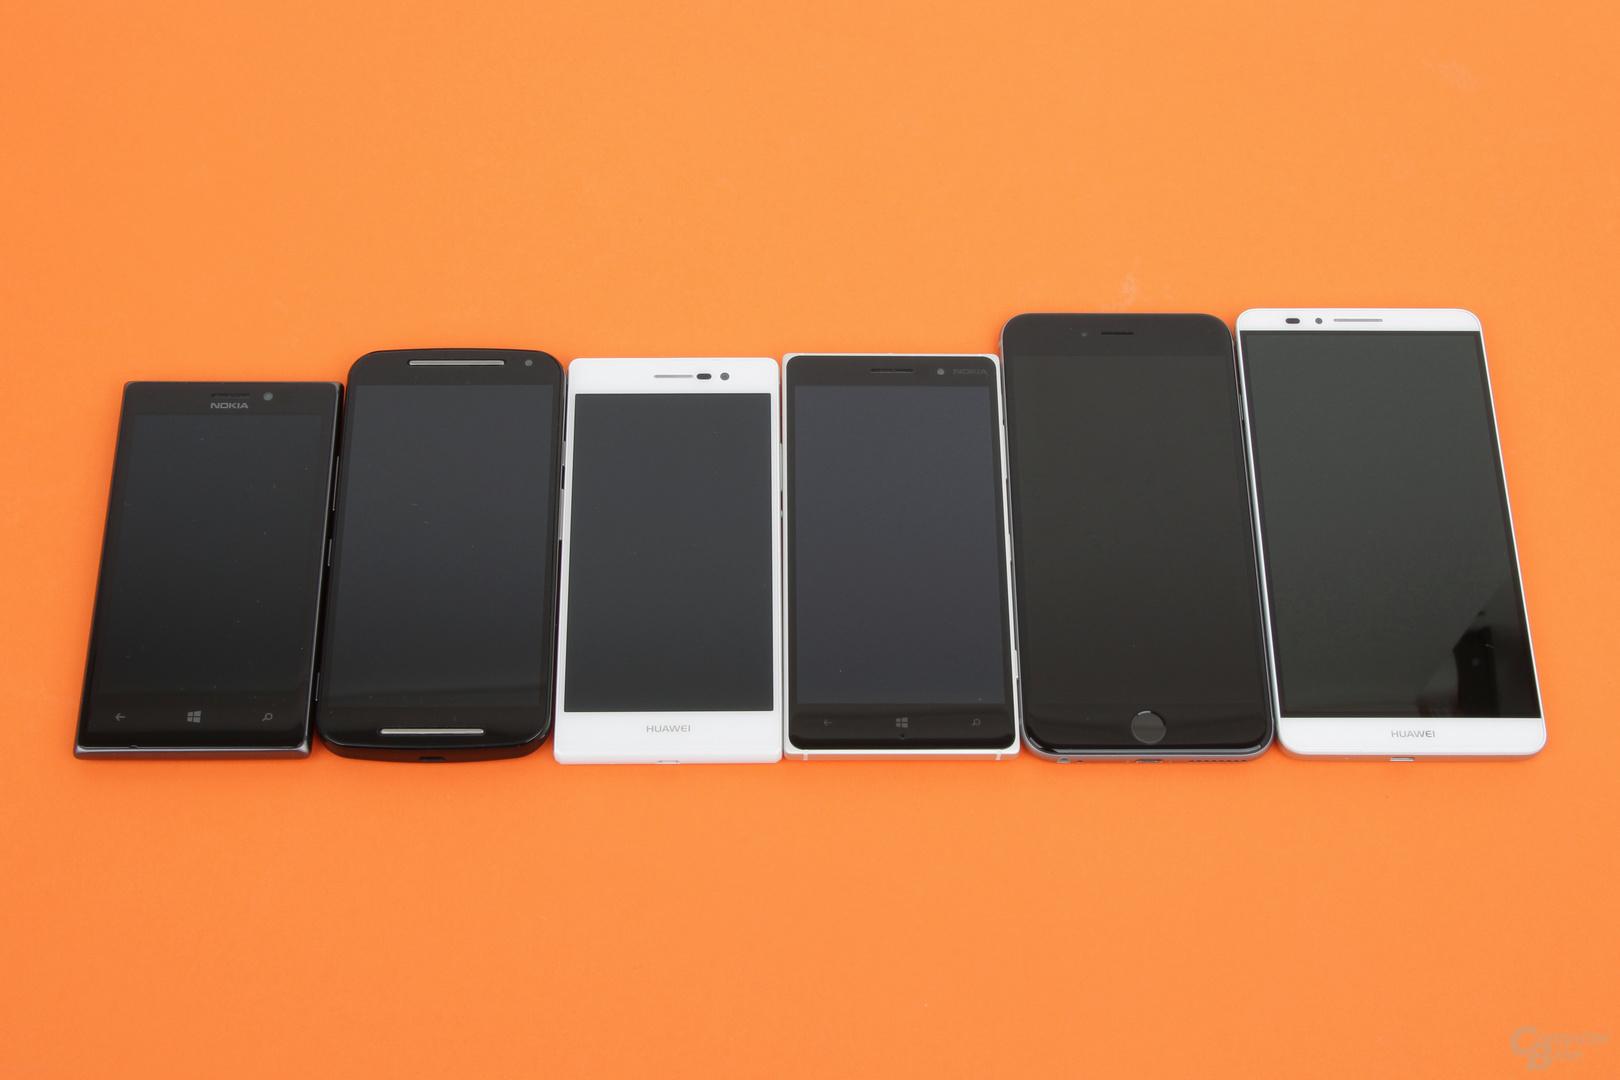 Größenvergleich: Nokia Lumia 925, Motorola Moto G, Huawei Ascend P7, Nokia Lumia 830, Apple iPhone 6 Plus, Huawei Ascend Mate 7